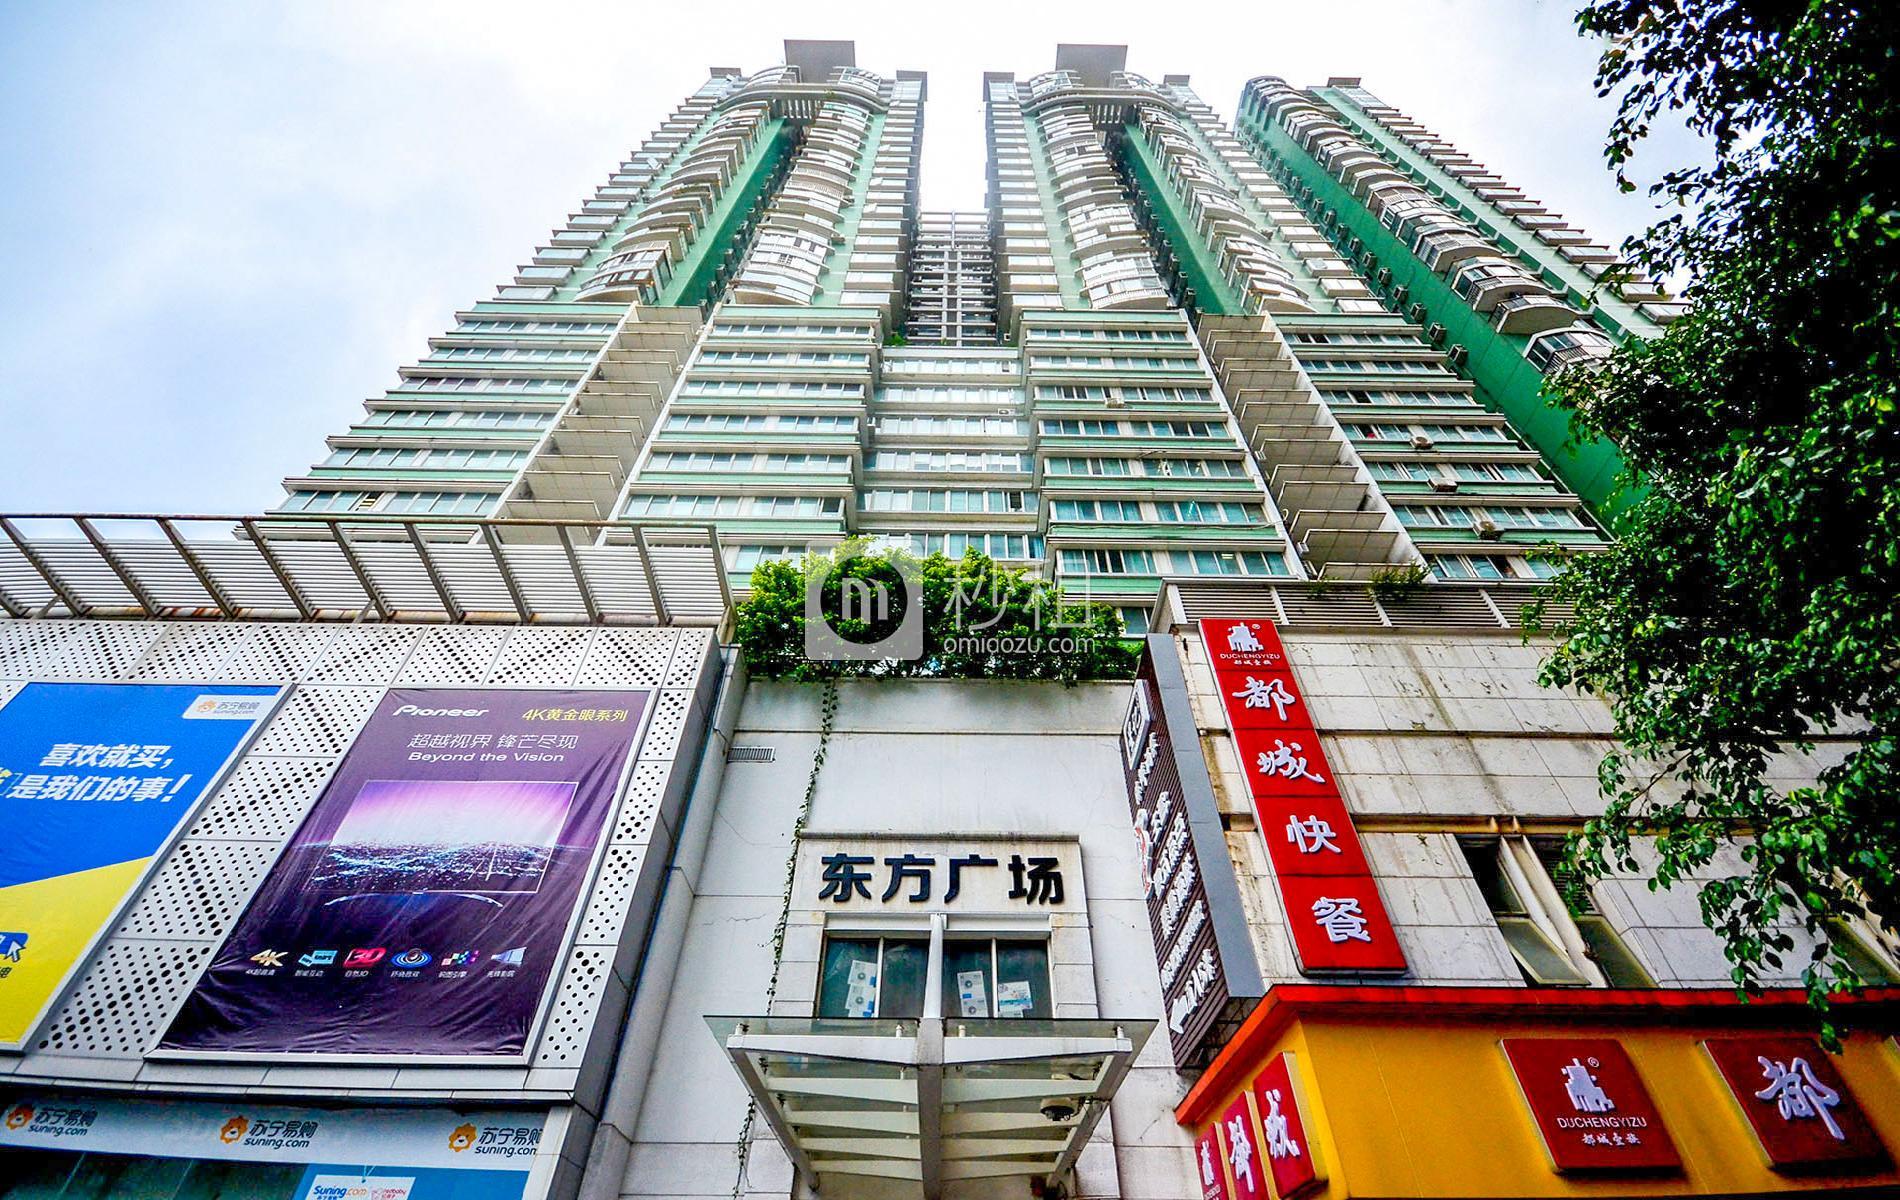 东方广场写字楼出租/招租/租赁,东方广场办公室出租/招租/租赁